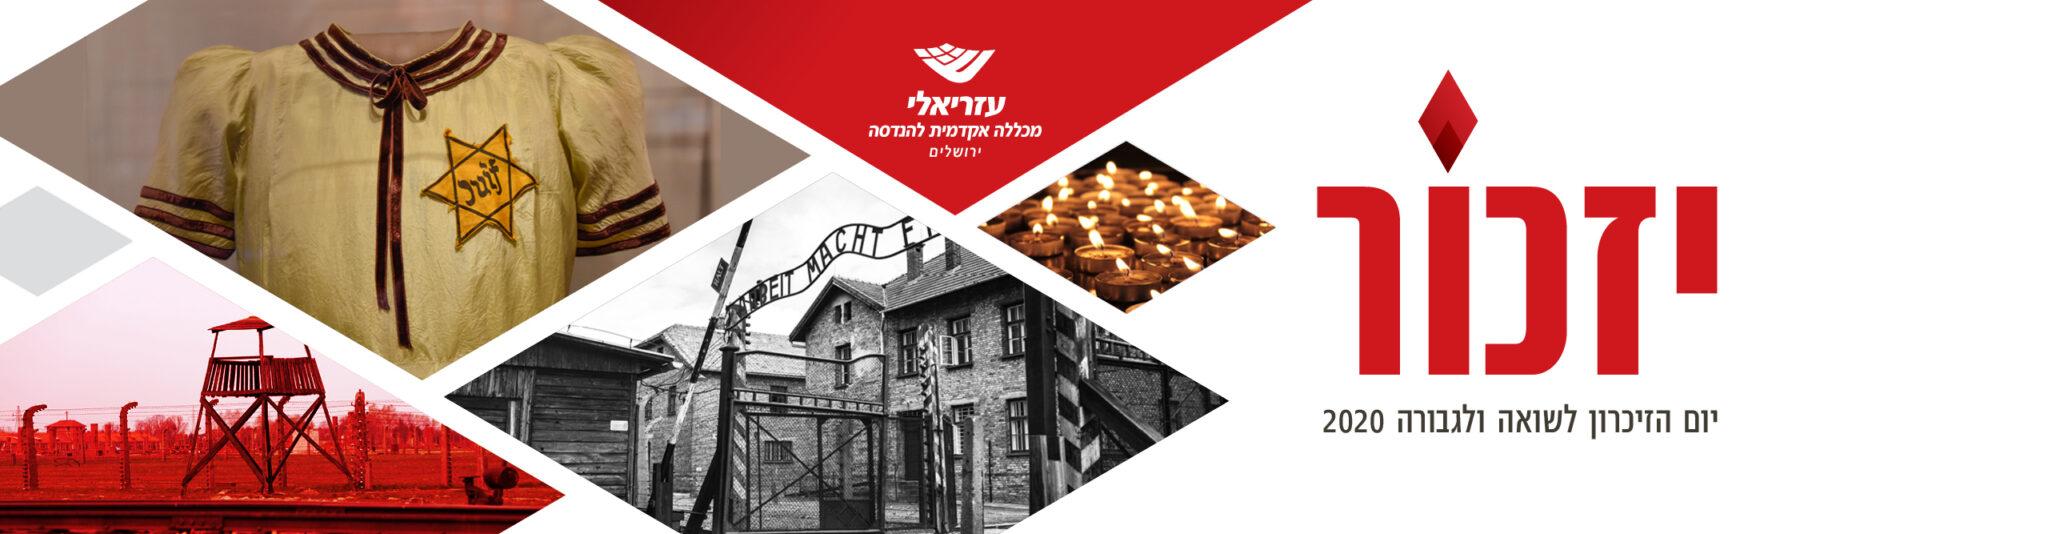 יום השואה 2020